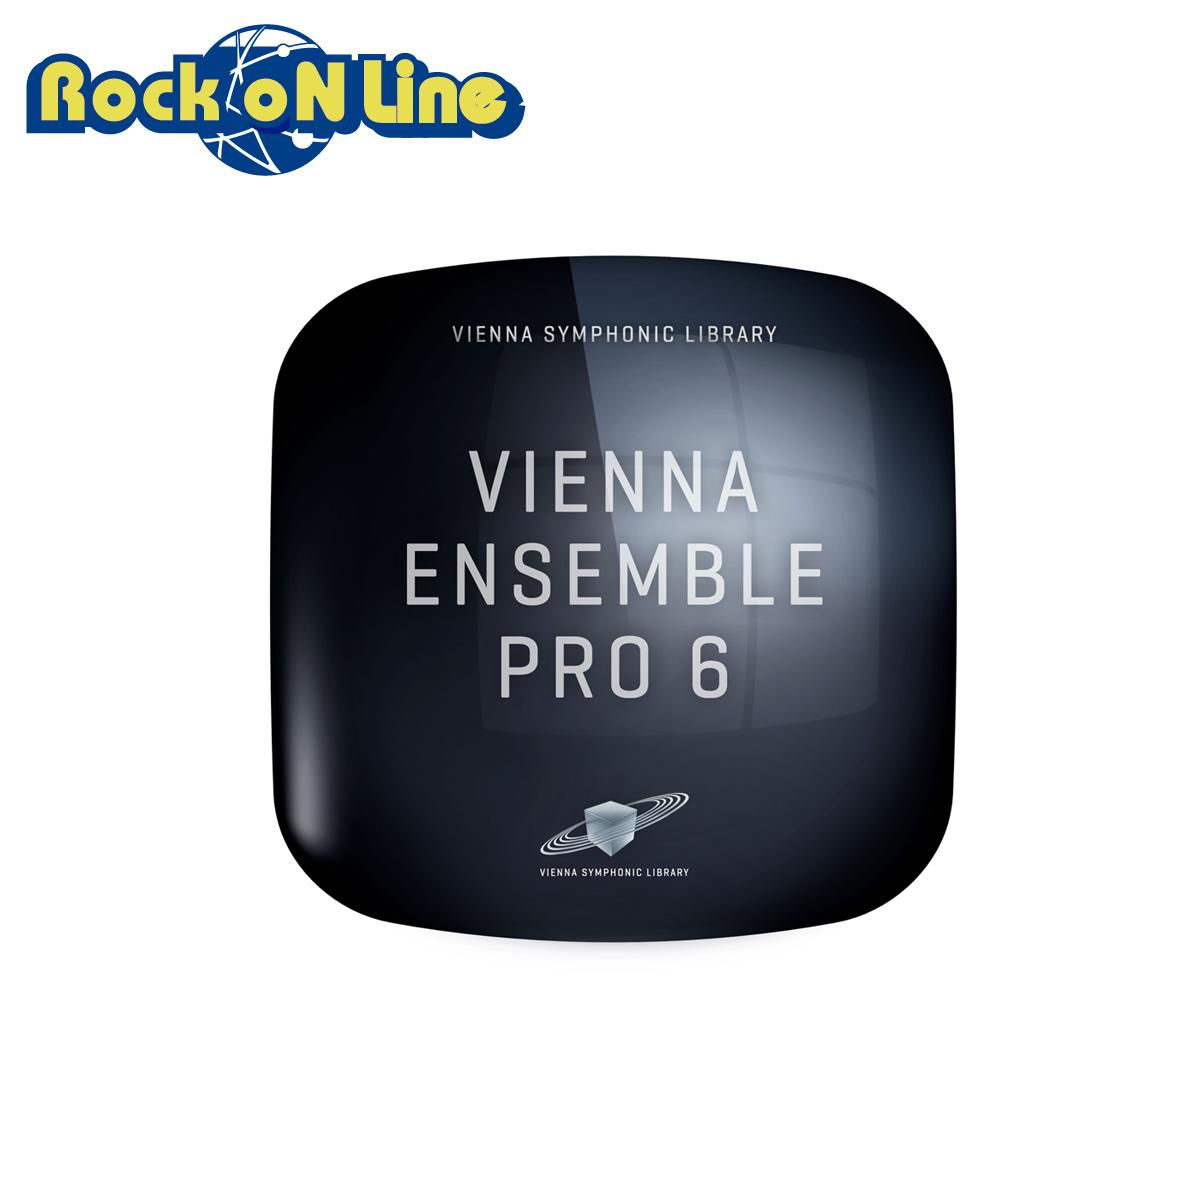 【クーポン配布中!】VIENNA(ビエナ) ENSEMBLE PRO 6【DTM】